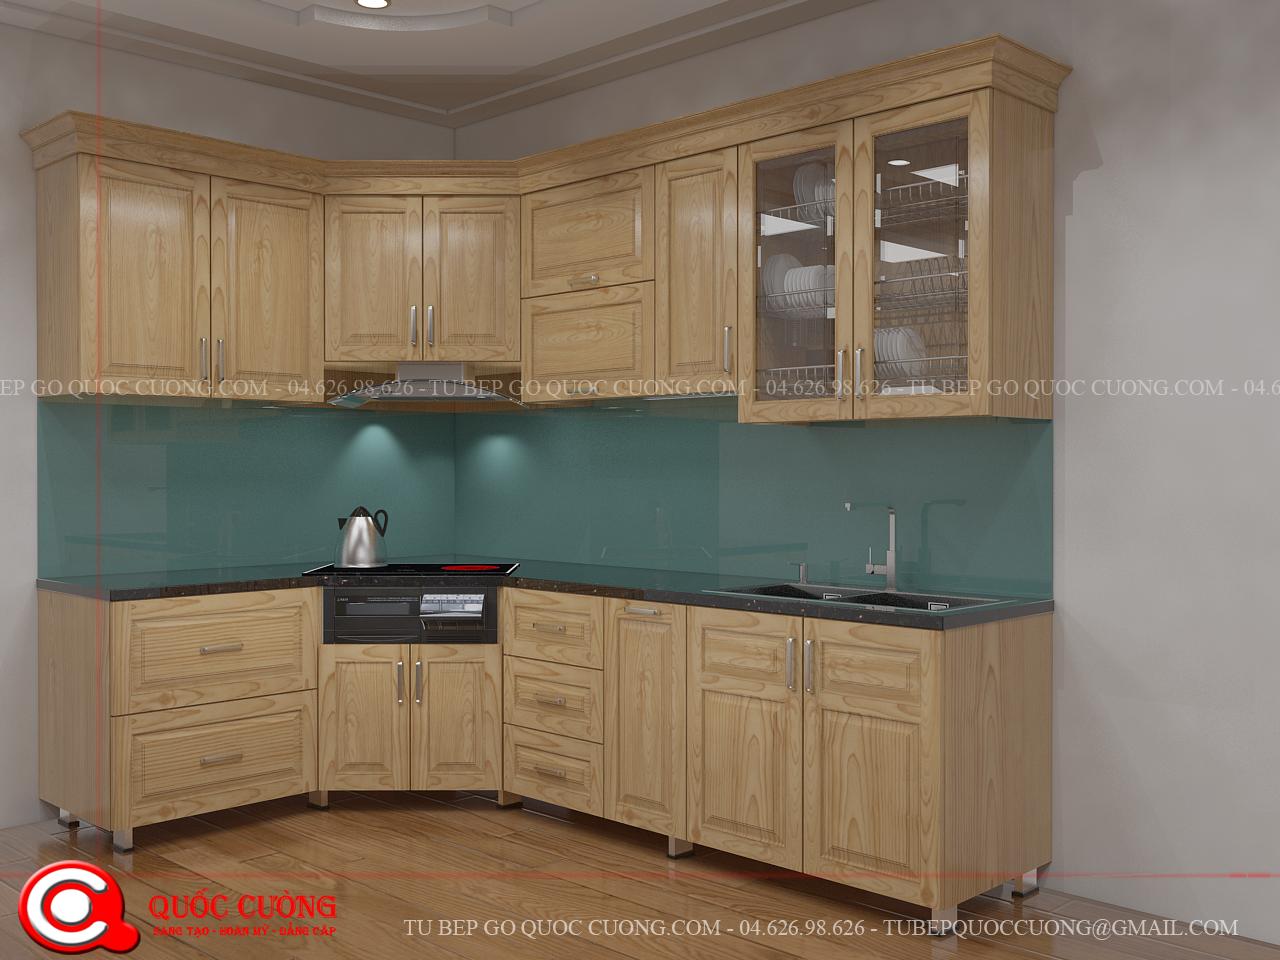 Tủ bếp gỗ giá bao nhiêu Tủ bếp Sồi Nga giá 3.500.000 / mét dài với thiết kế chữ L phù hợp cho không gian bếp nhỏ phù hợp với hộ gia đình nhỏ, chung cư